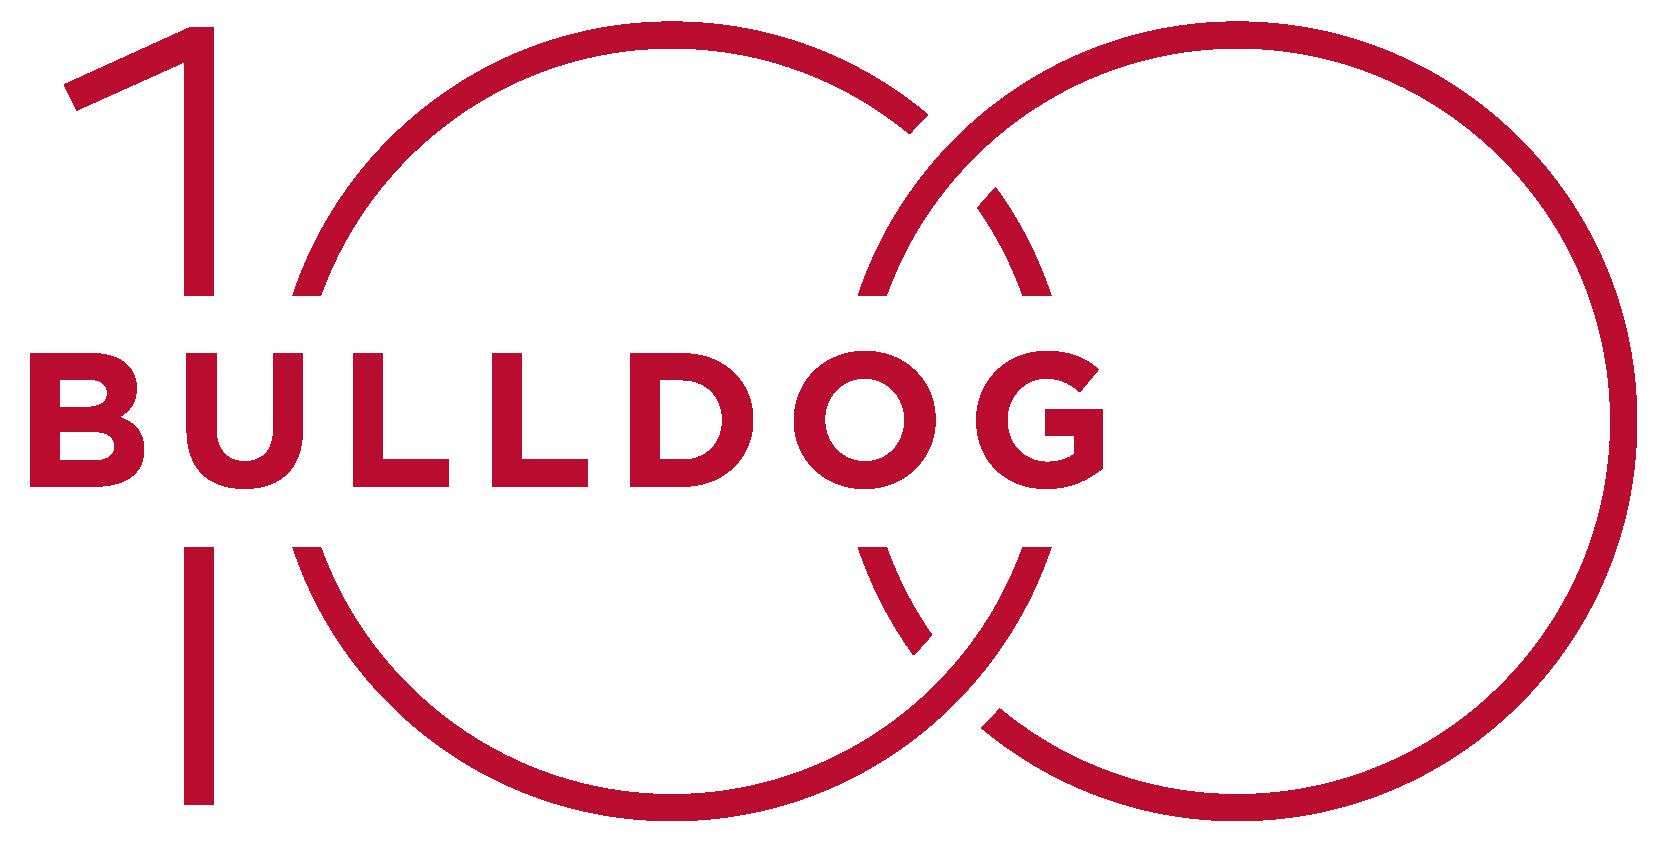 UGA Engineering's Bulldog 100